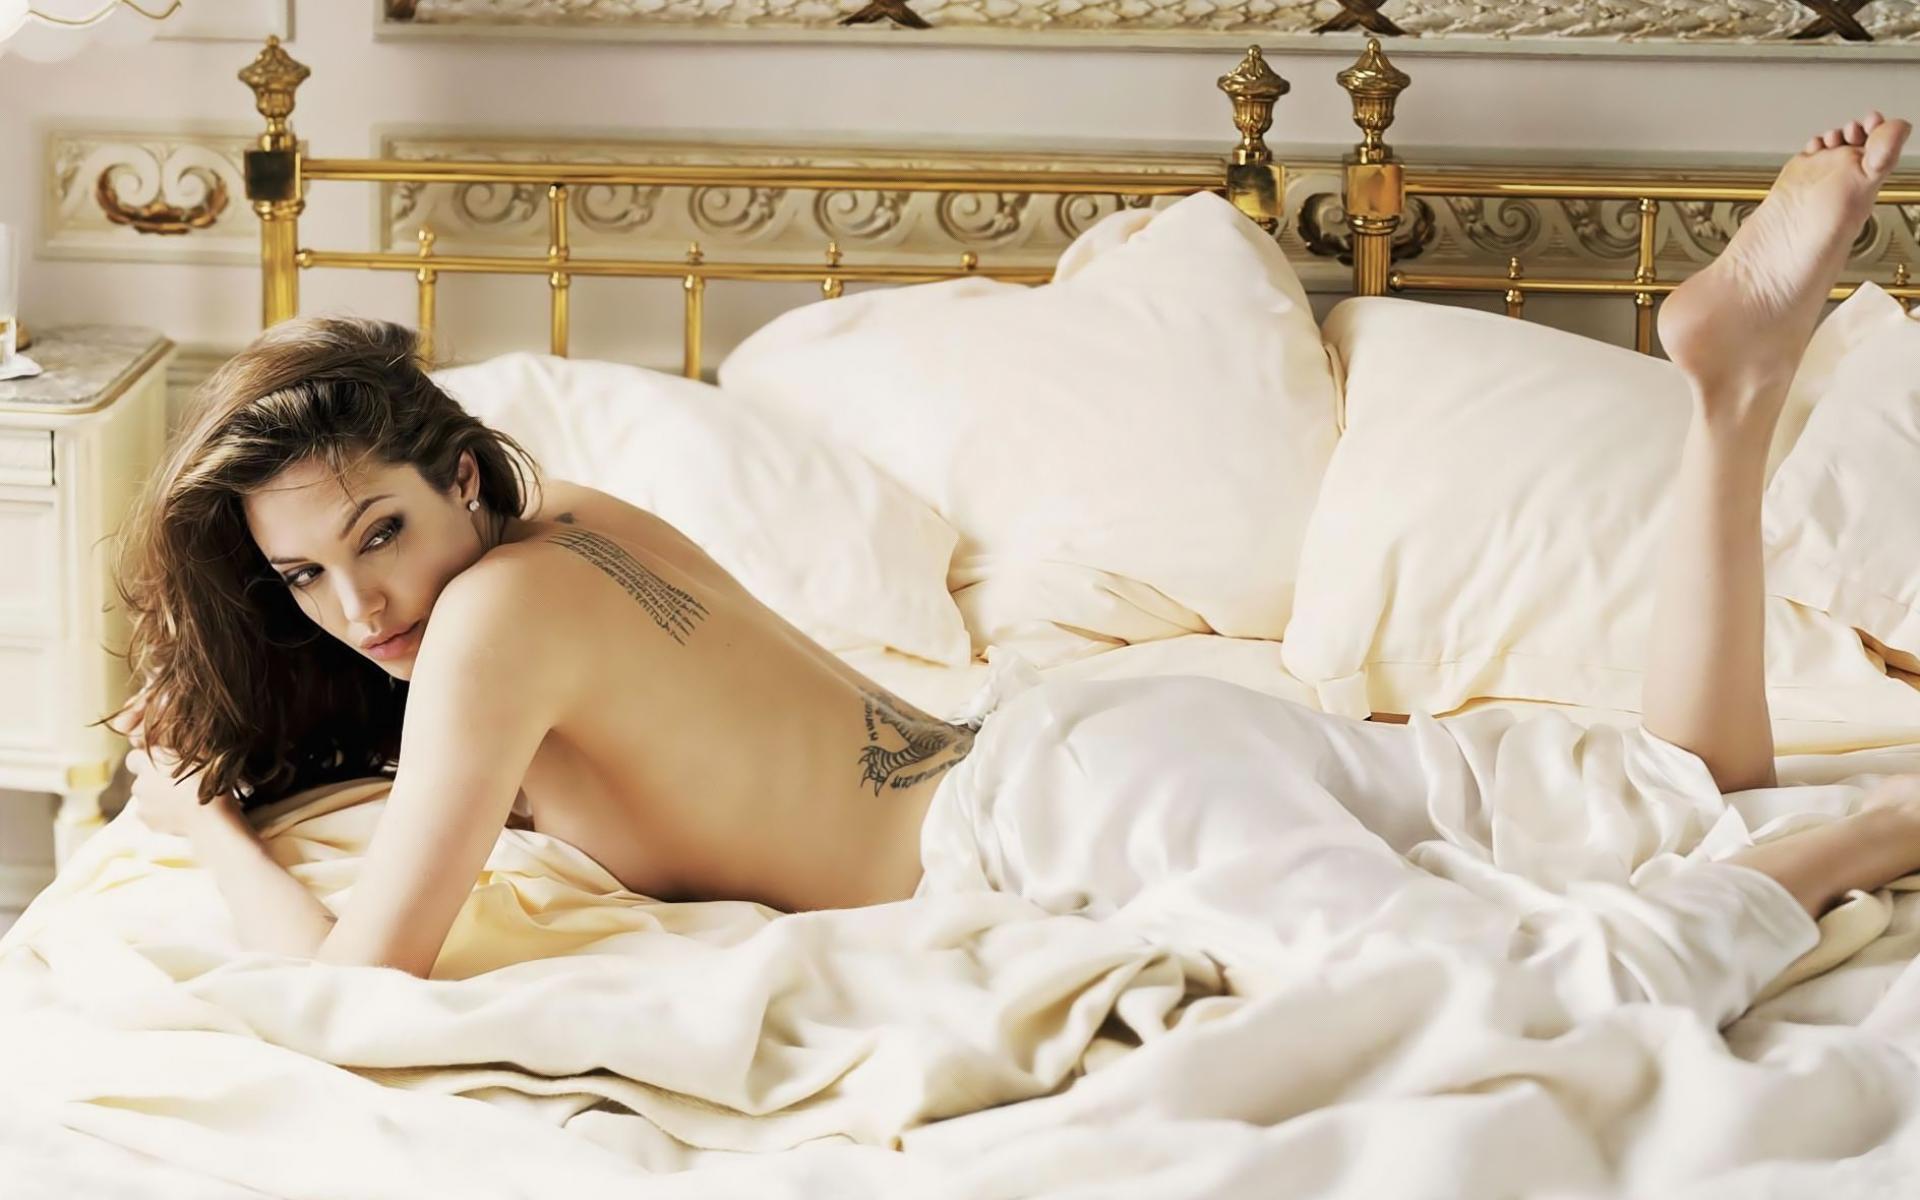 Самые красивые самые голые 1 фотография